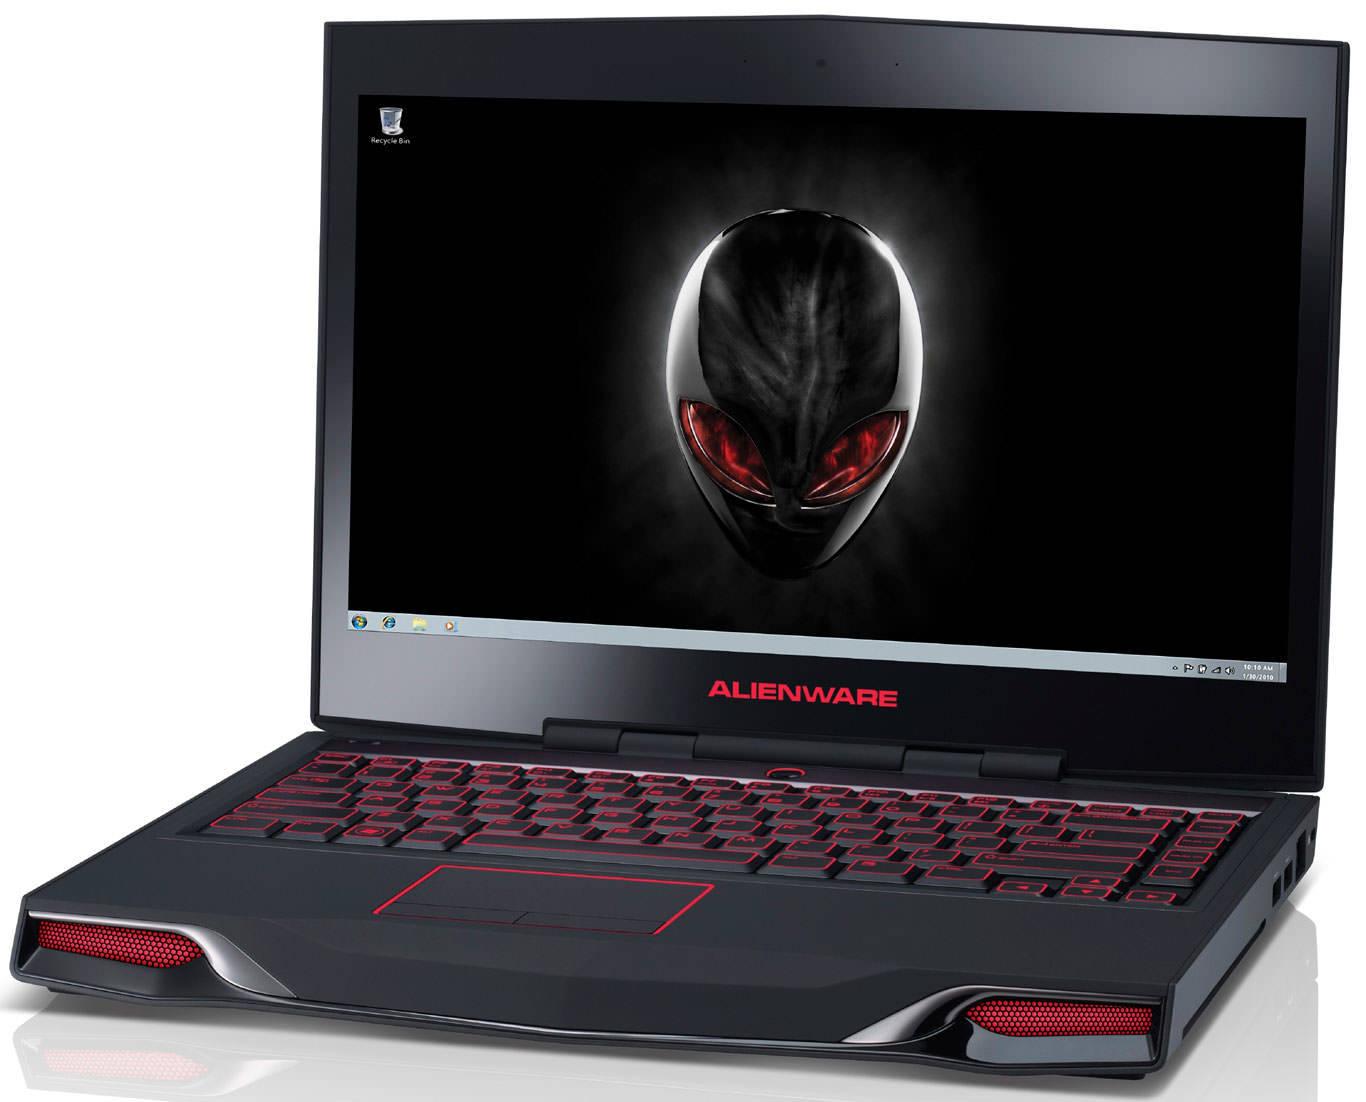 Compare Dell Alienware M14X Laptop vs Dell Alienware M14X R2